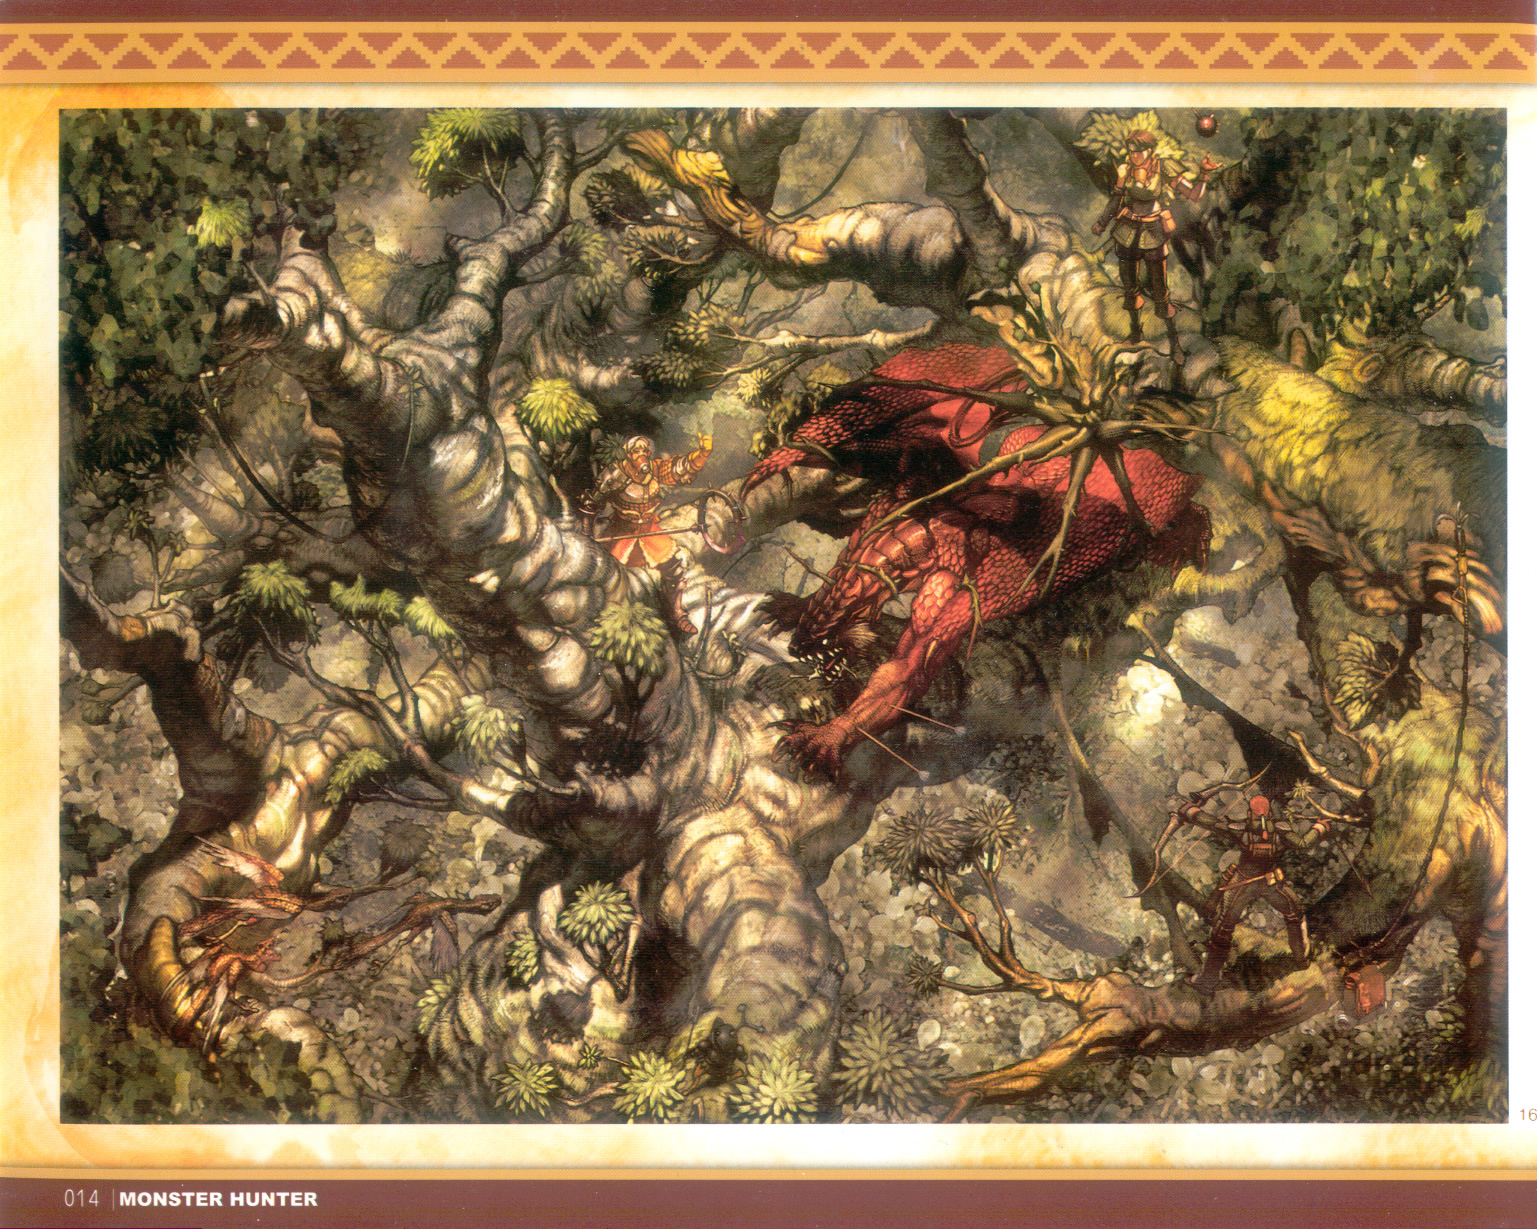 014_关注-游艺网GAME798海量资源下载怪物猎人终极画集.jpg